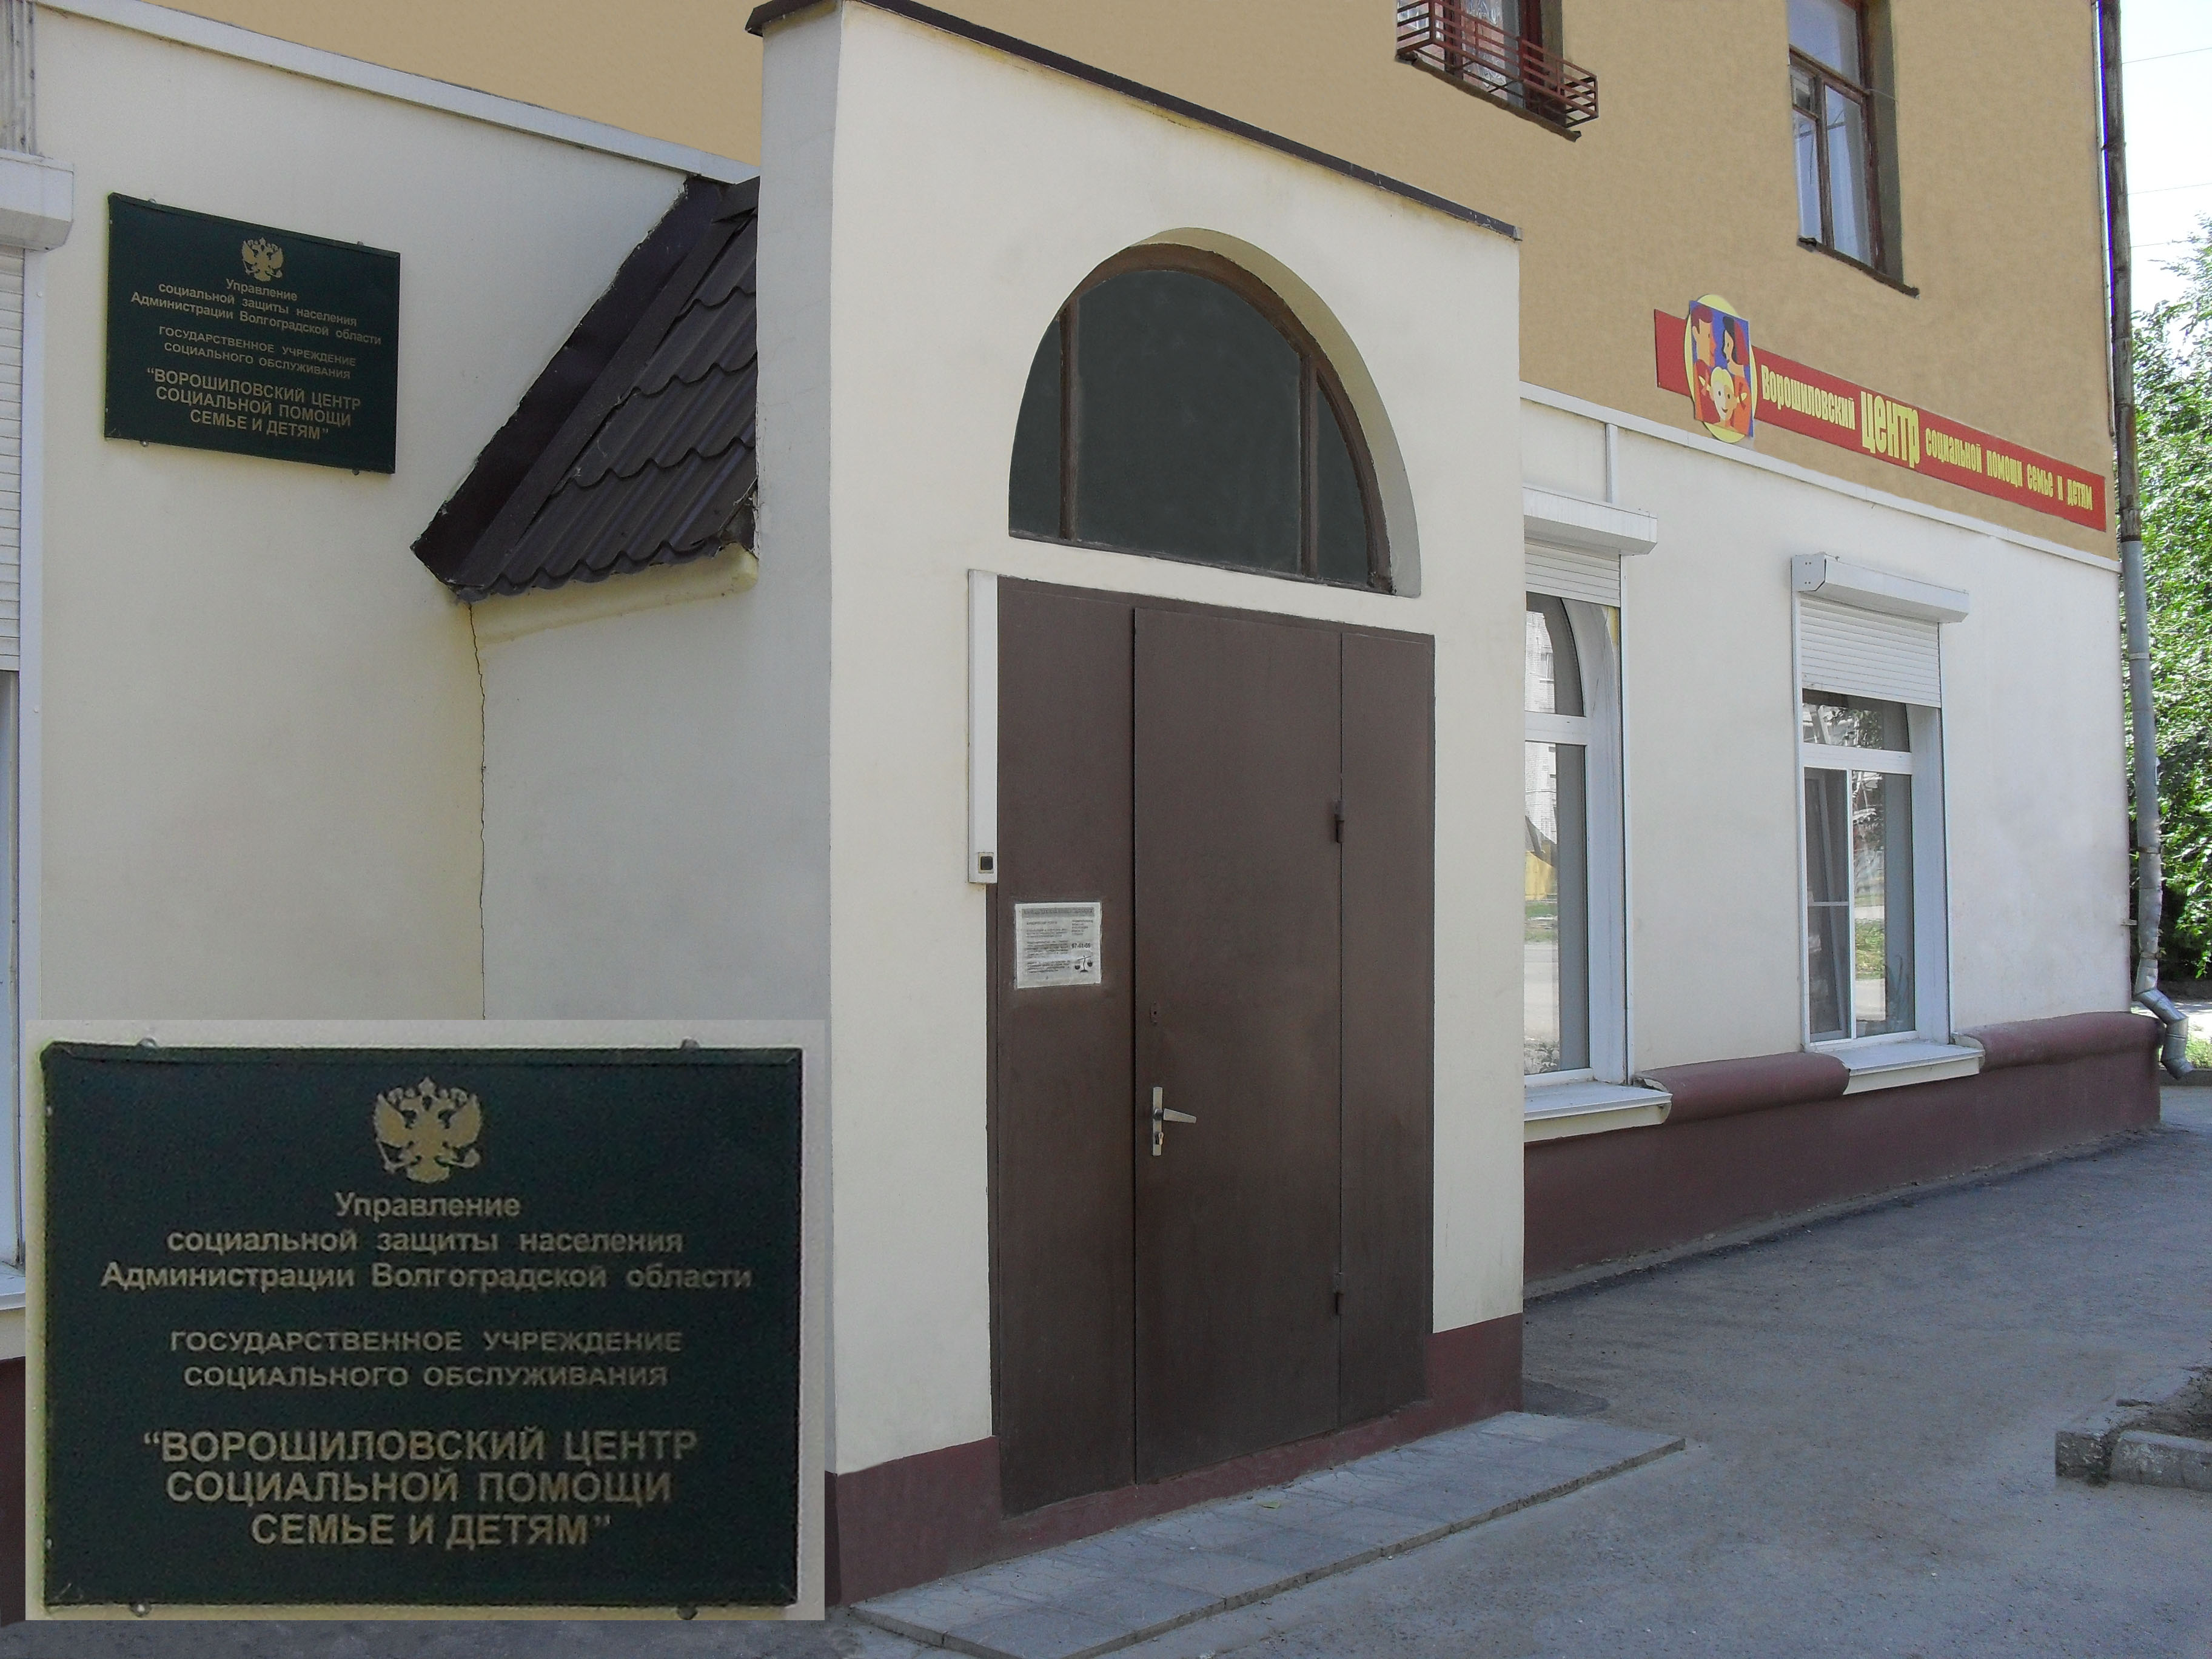 Учереждения социальной защиты населения - Министерство ...